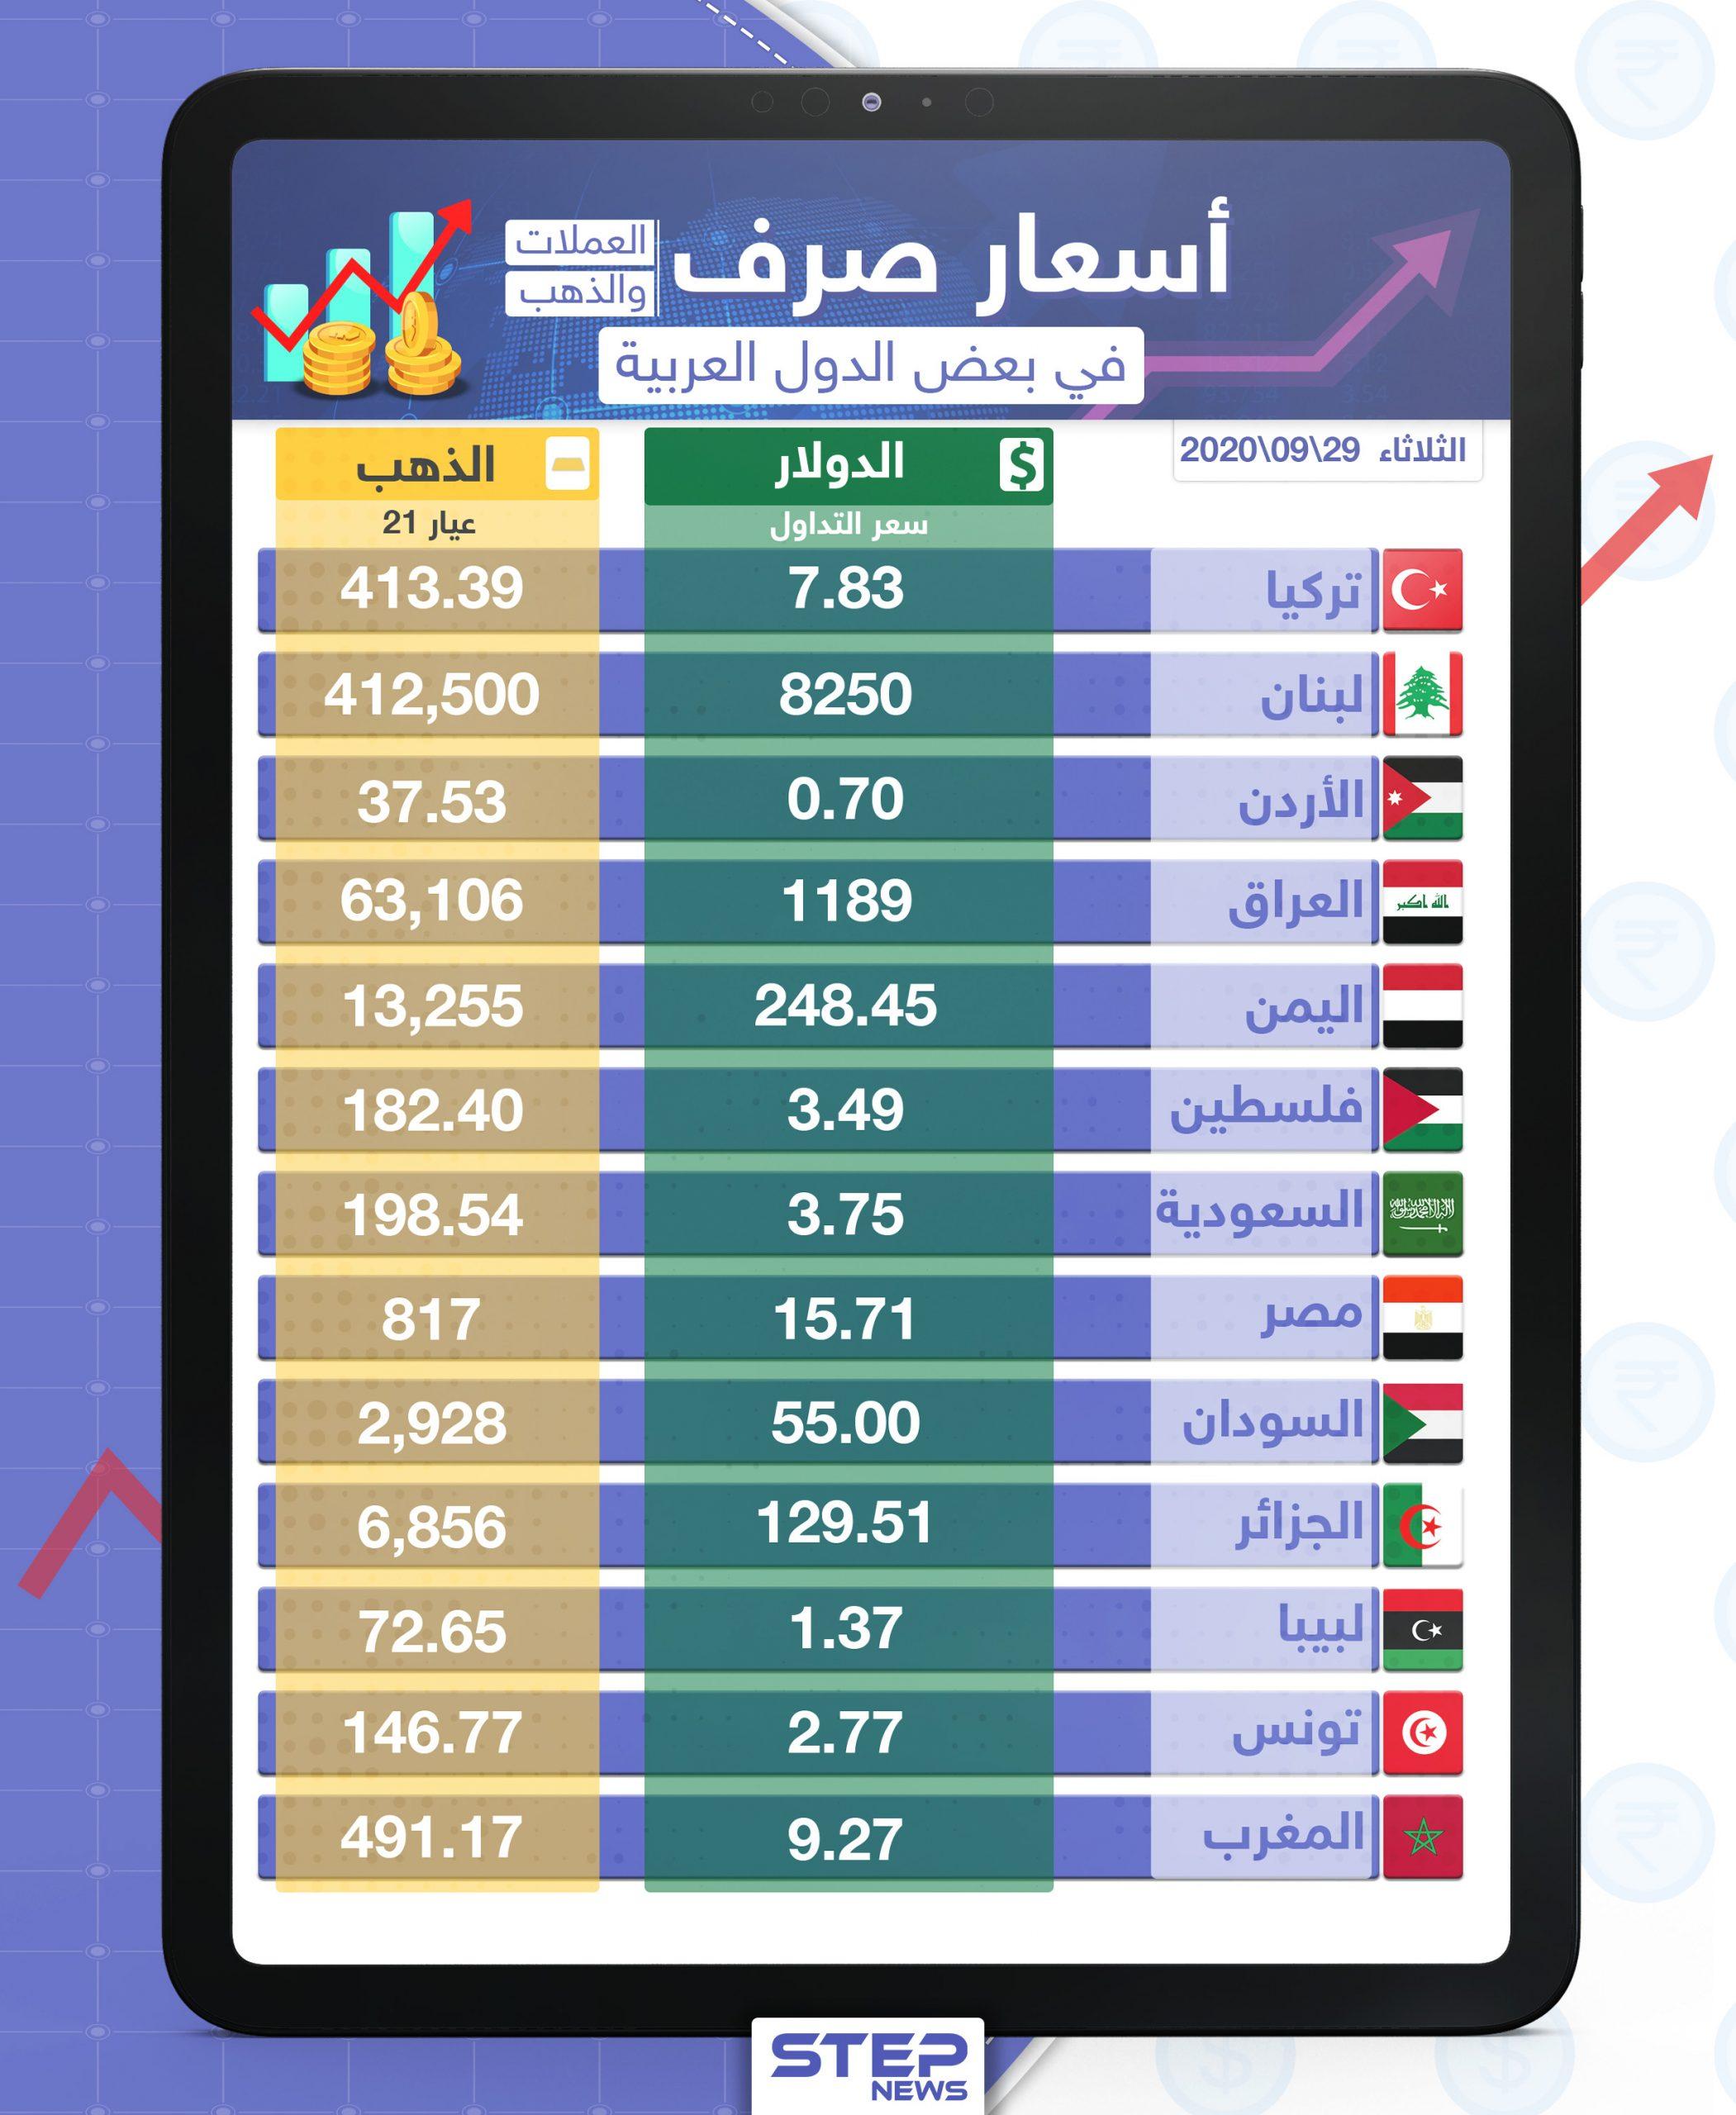 أسعار الذهب والعملات للدول العربية وتركيا اليوم الثلاثاء الموافق 29 أيلول 2020